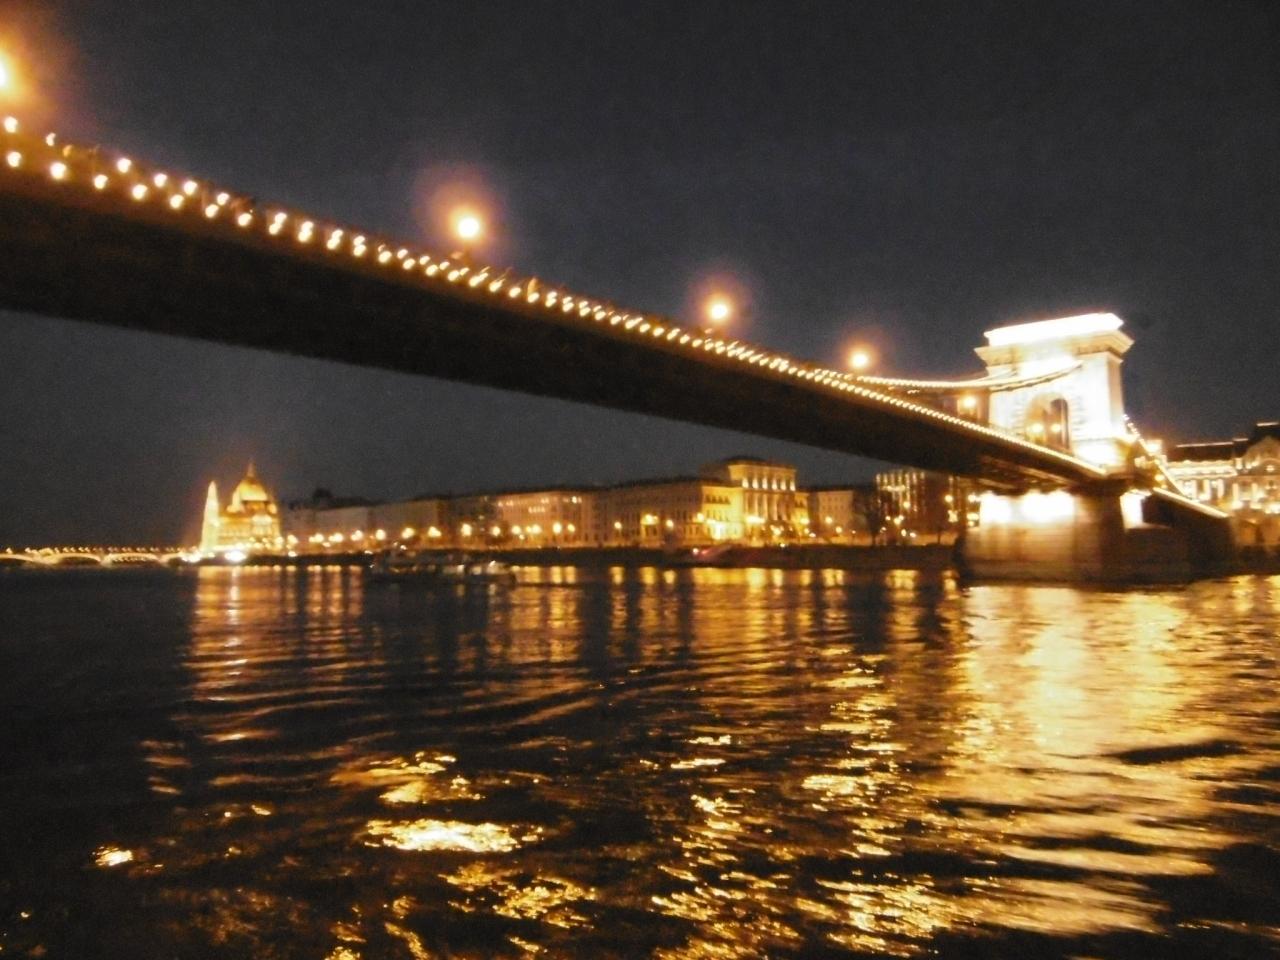 ブダペストのドナウ河岸とブダ城地区およびアンドラーシ通りの画像 p1_23